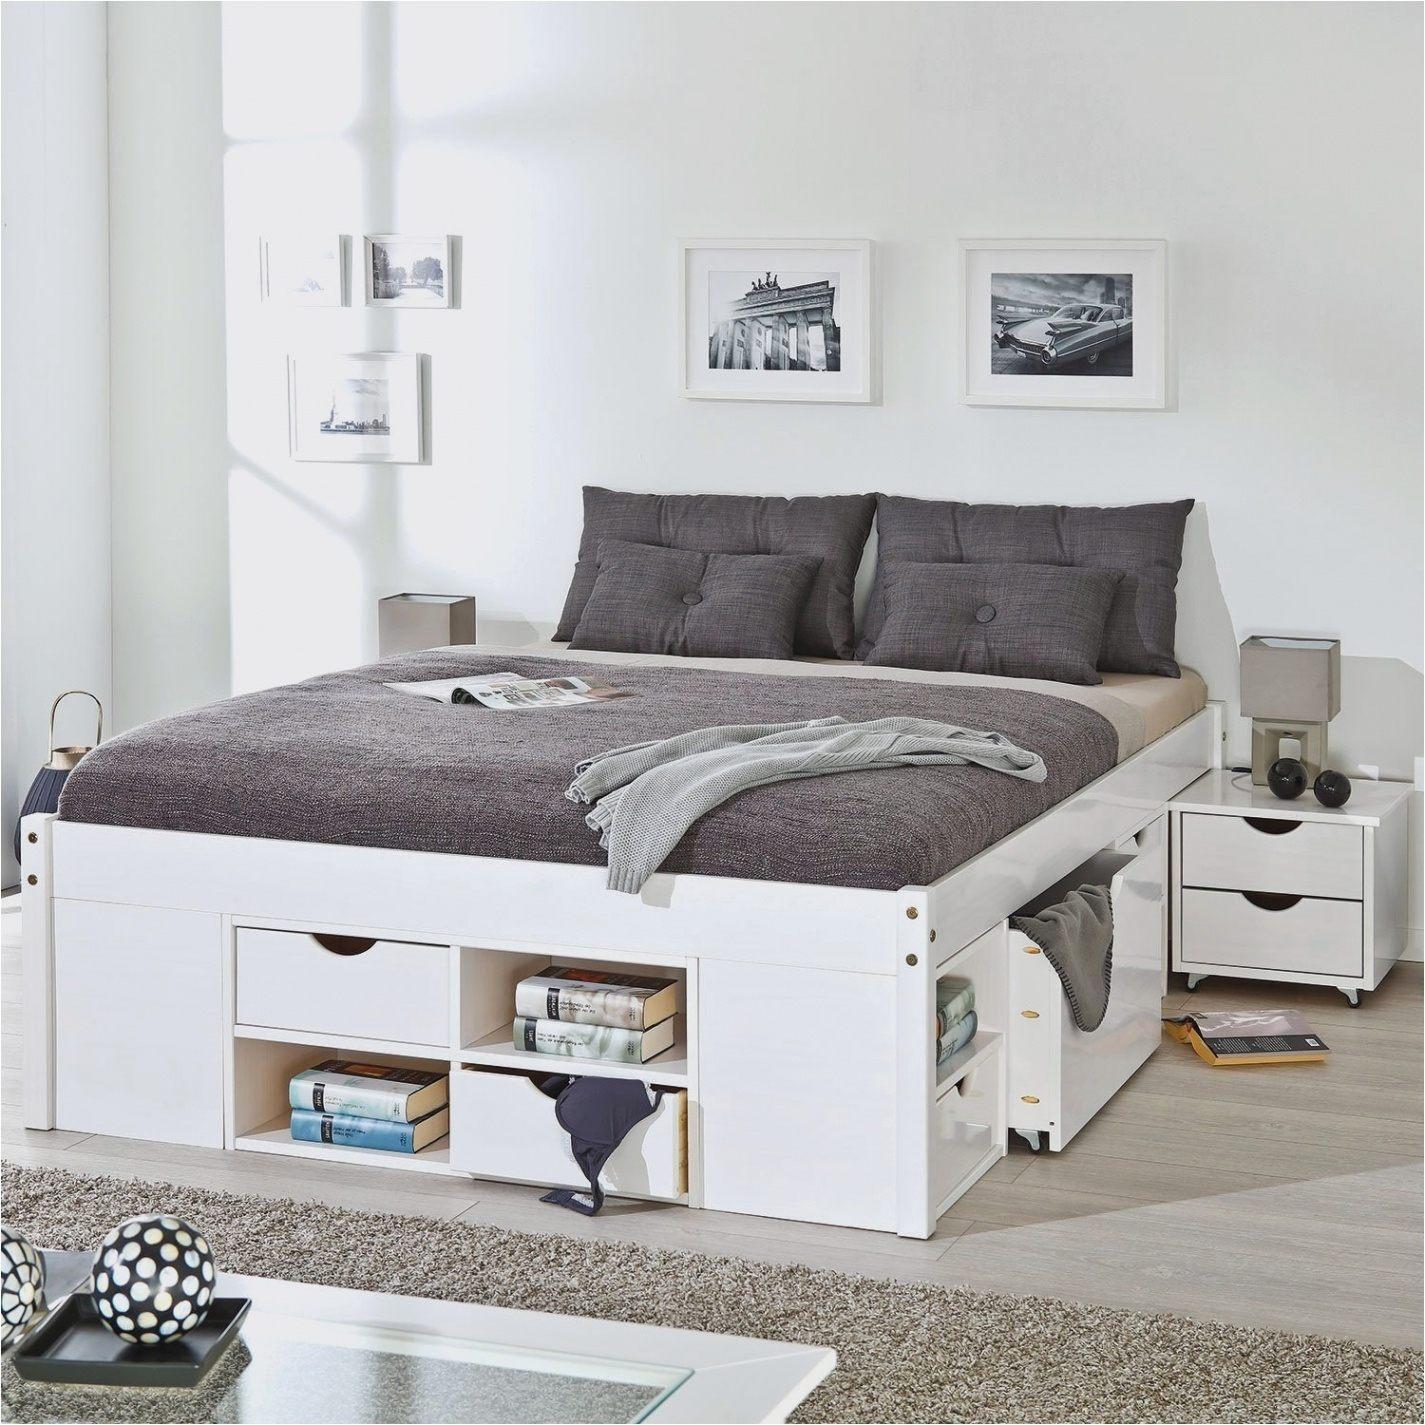 Lit Pont 160×200 Bel Lit Design 160—200 Elegant Lit Design King Size Lit King Size 180